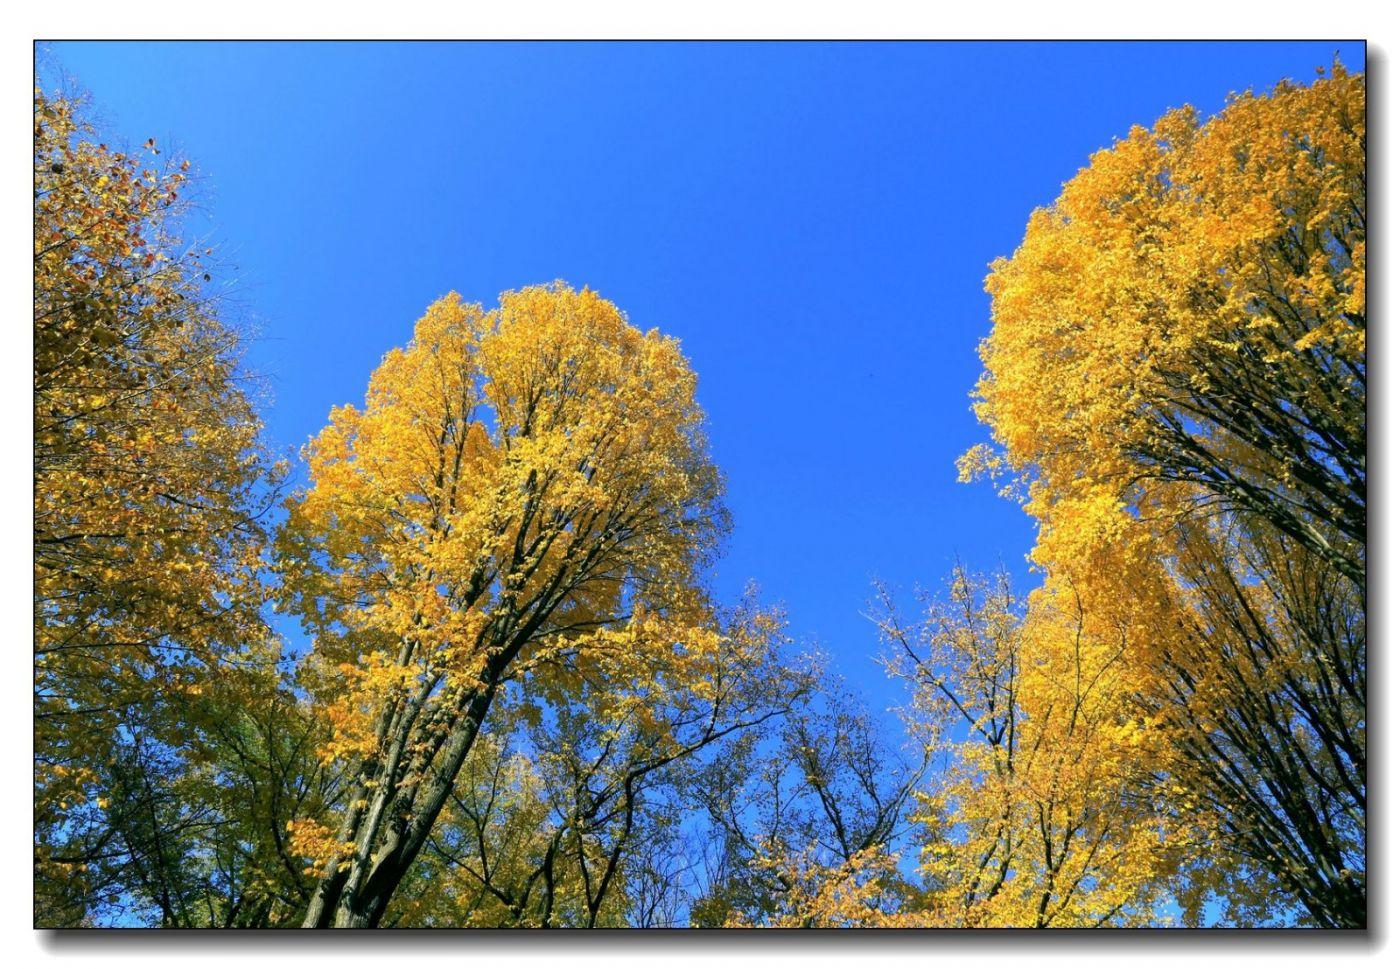 深秋色彩-中央公园1_图1-10